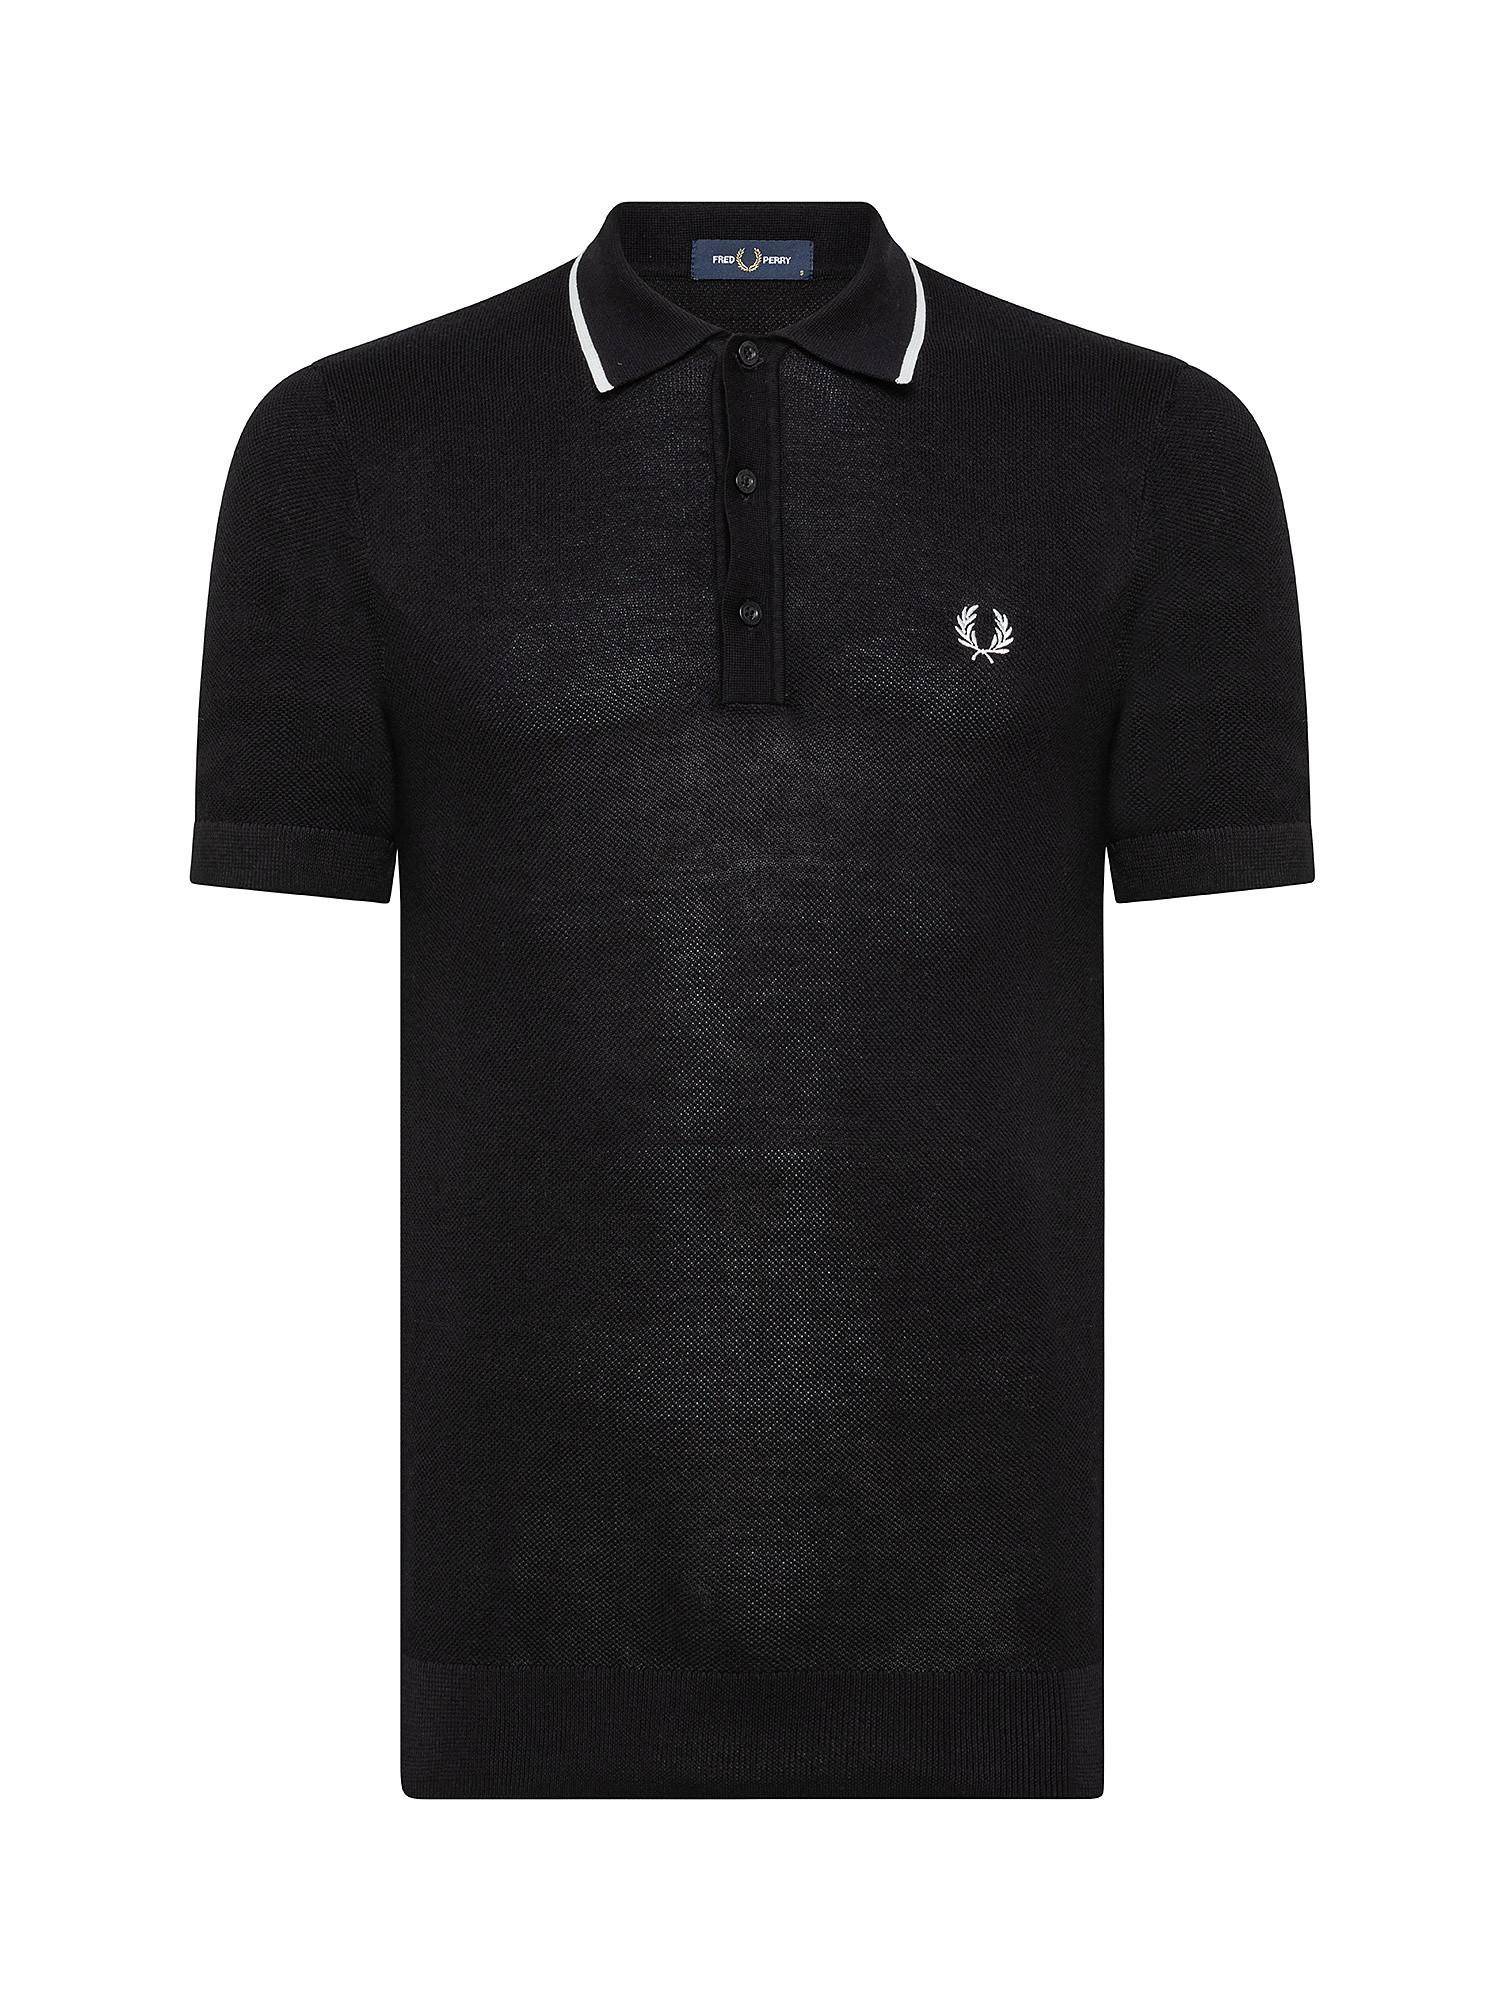 Polo in maglia con riga, Nero, large image number 0